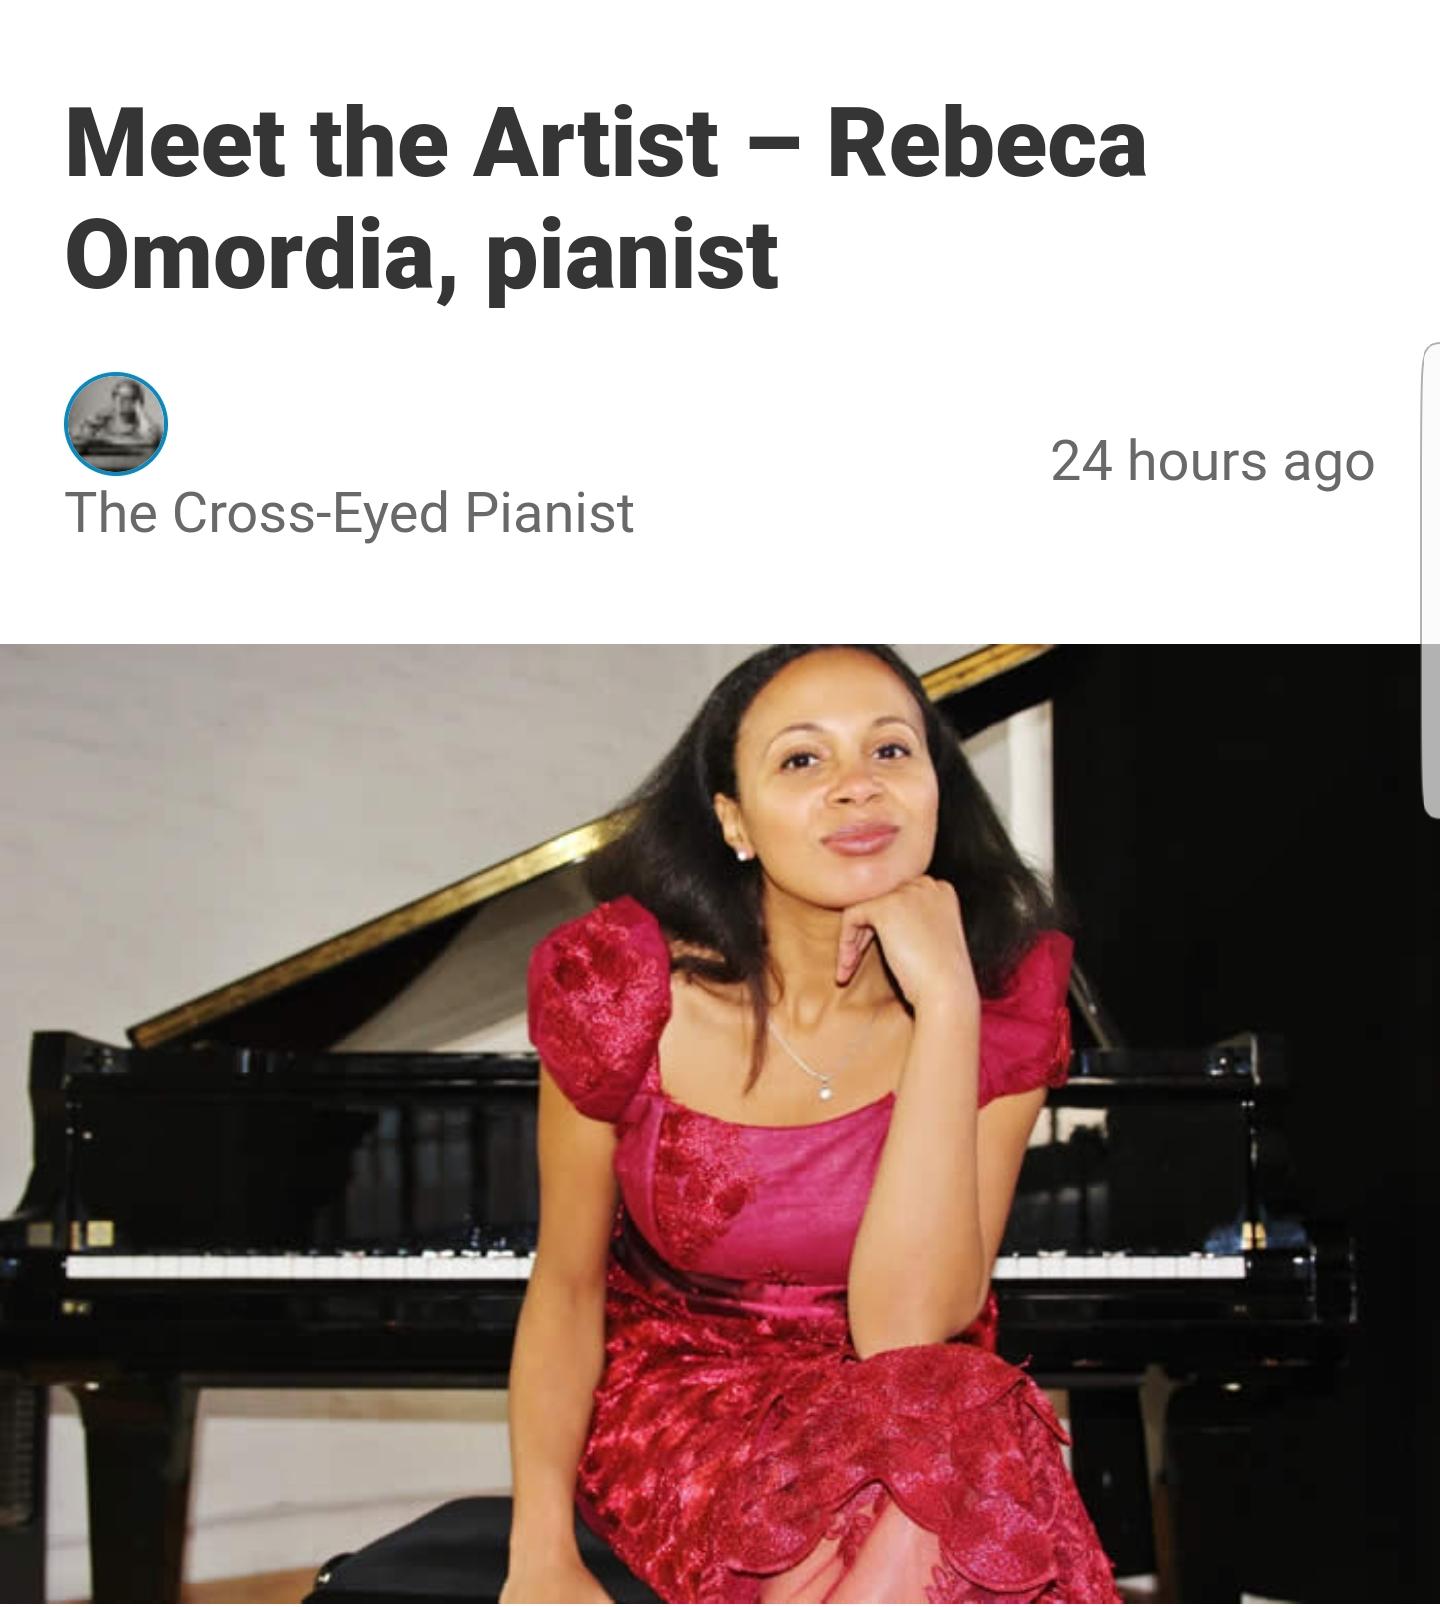 Frances Wilson: Meet the Artist